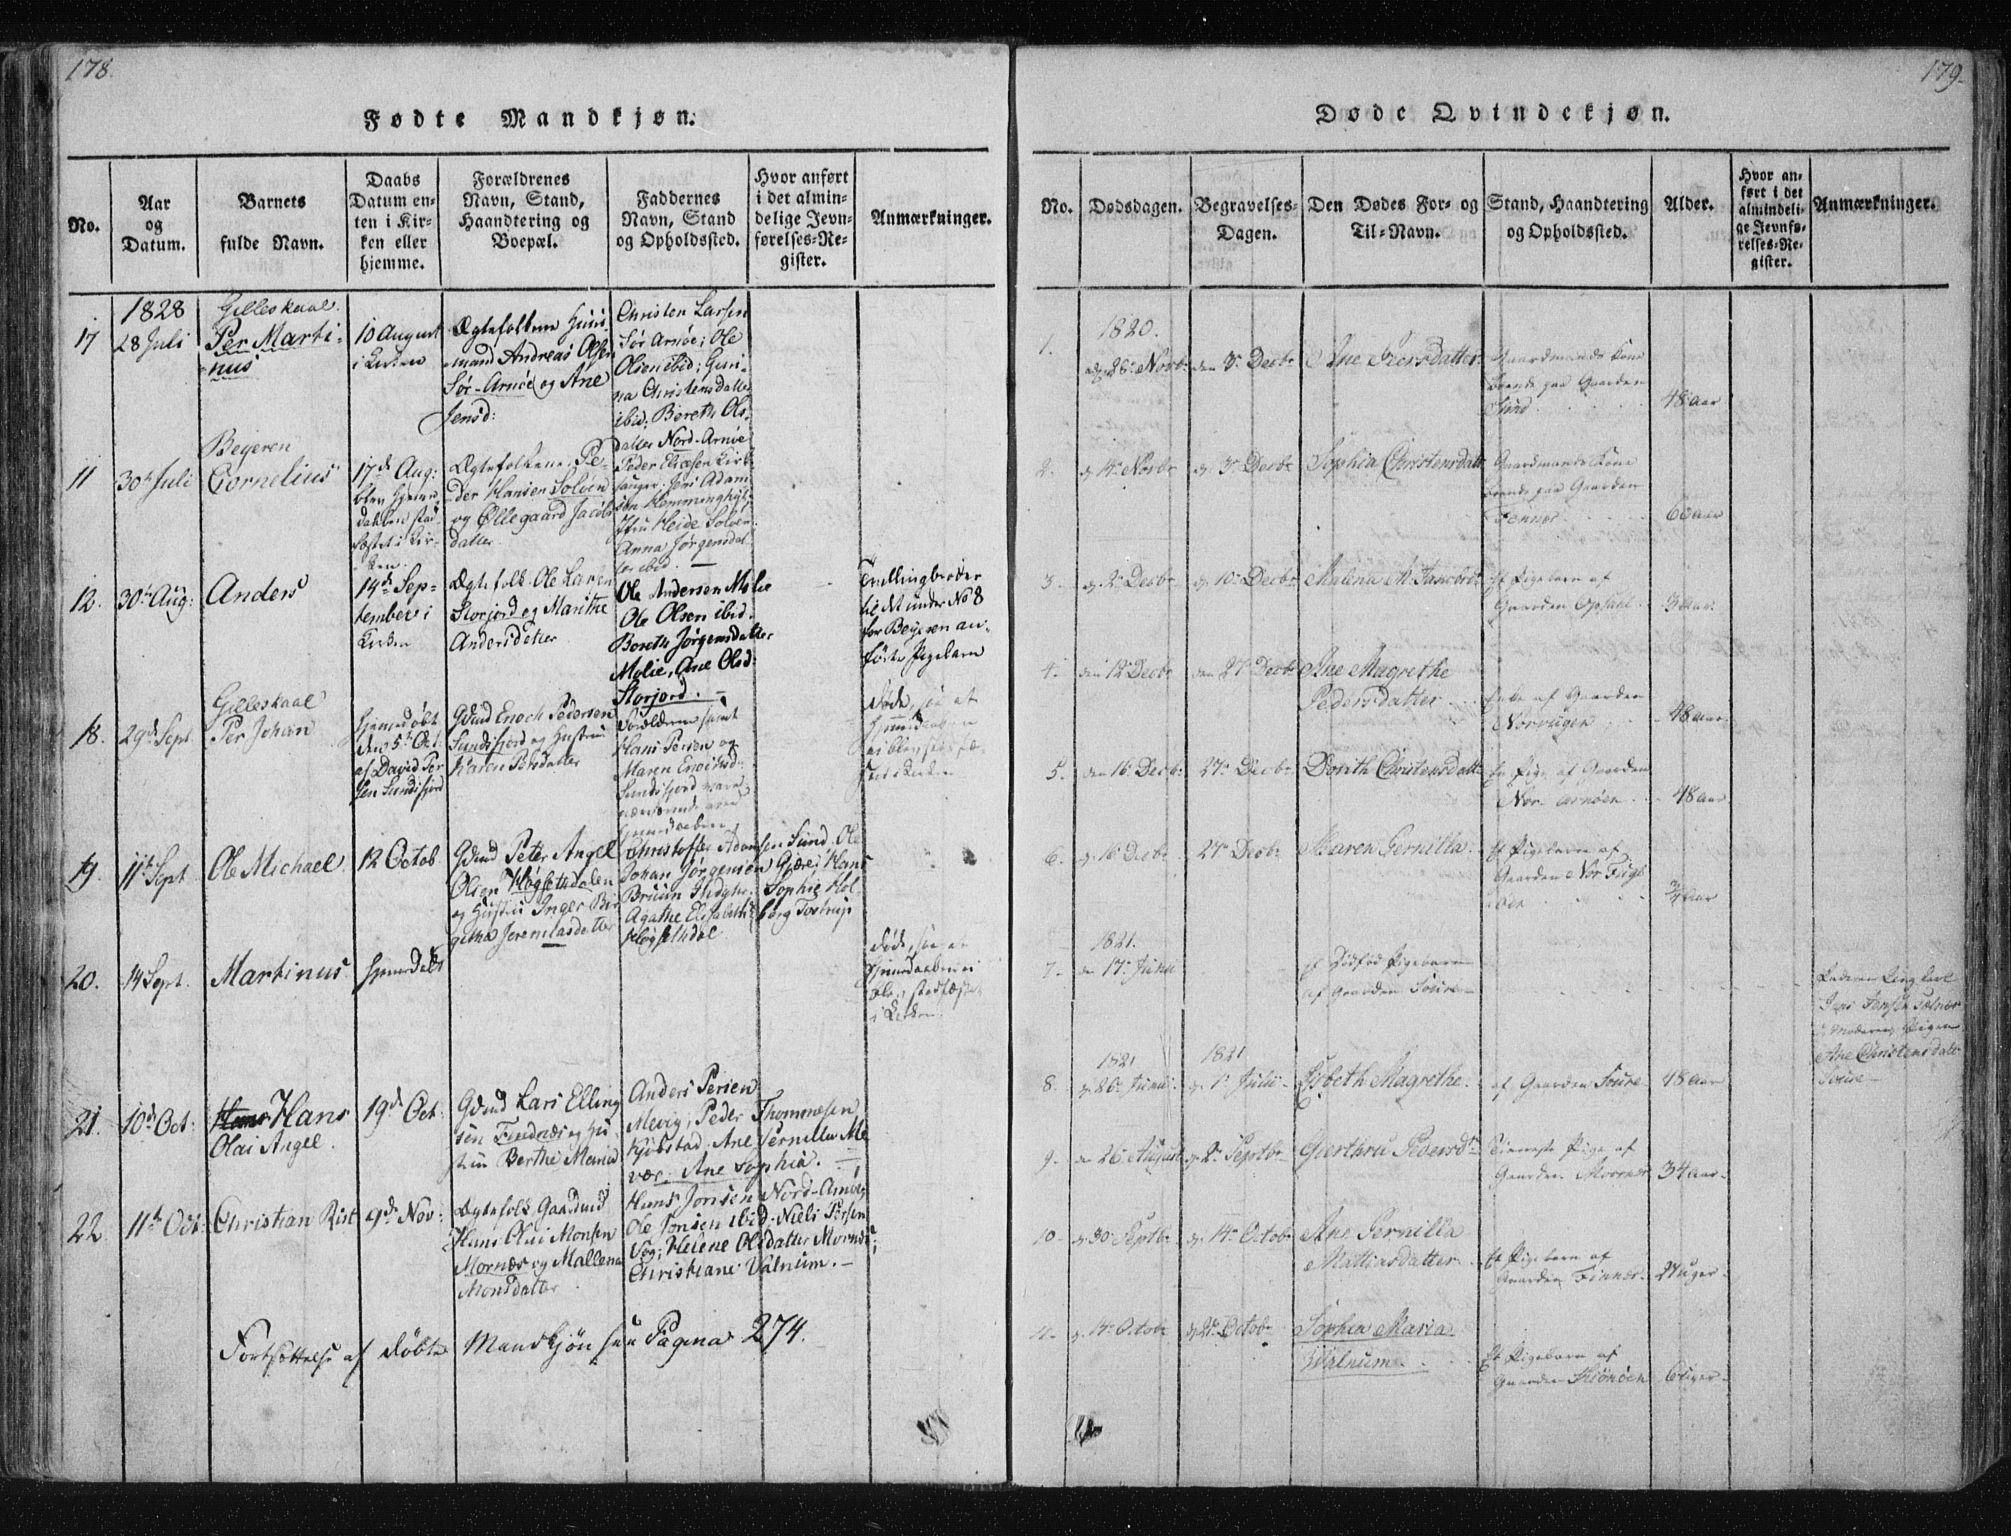 SAT, Ministerialprotokoller, klokkerbøker og fødselsregistre - Nordland, 805/L0096: Parish register (official) no. 805A03, 1820-1837, p. 178-179